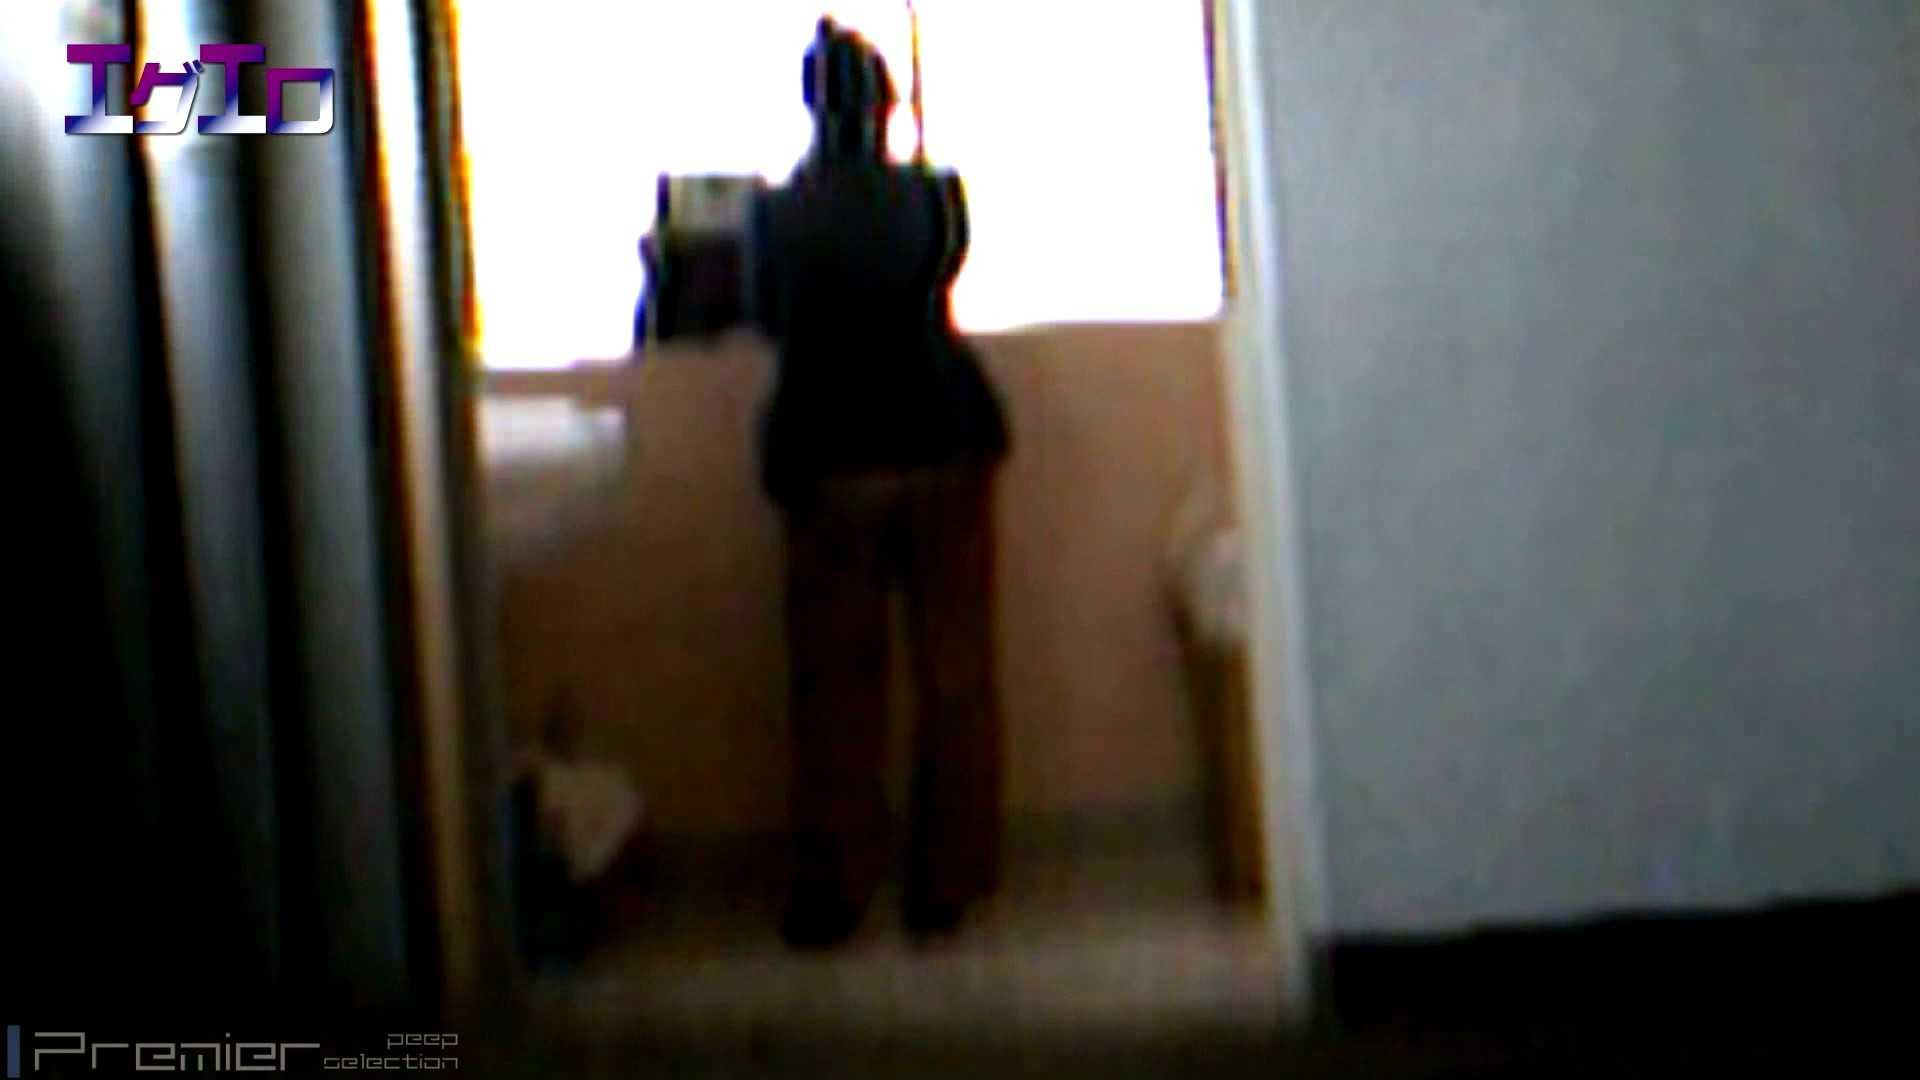 至近距離洗面所 Vol.09夏ギャルキタ~和式トイレ放nyoショー ギャル盗撮映像 性交動画流出 80PIX 57